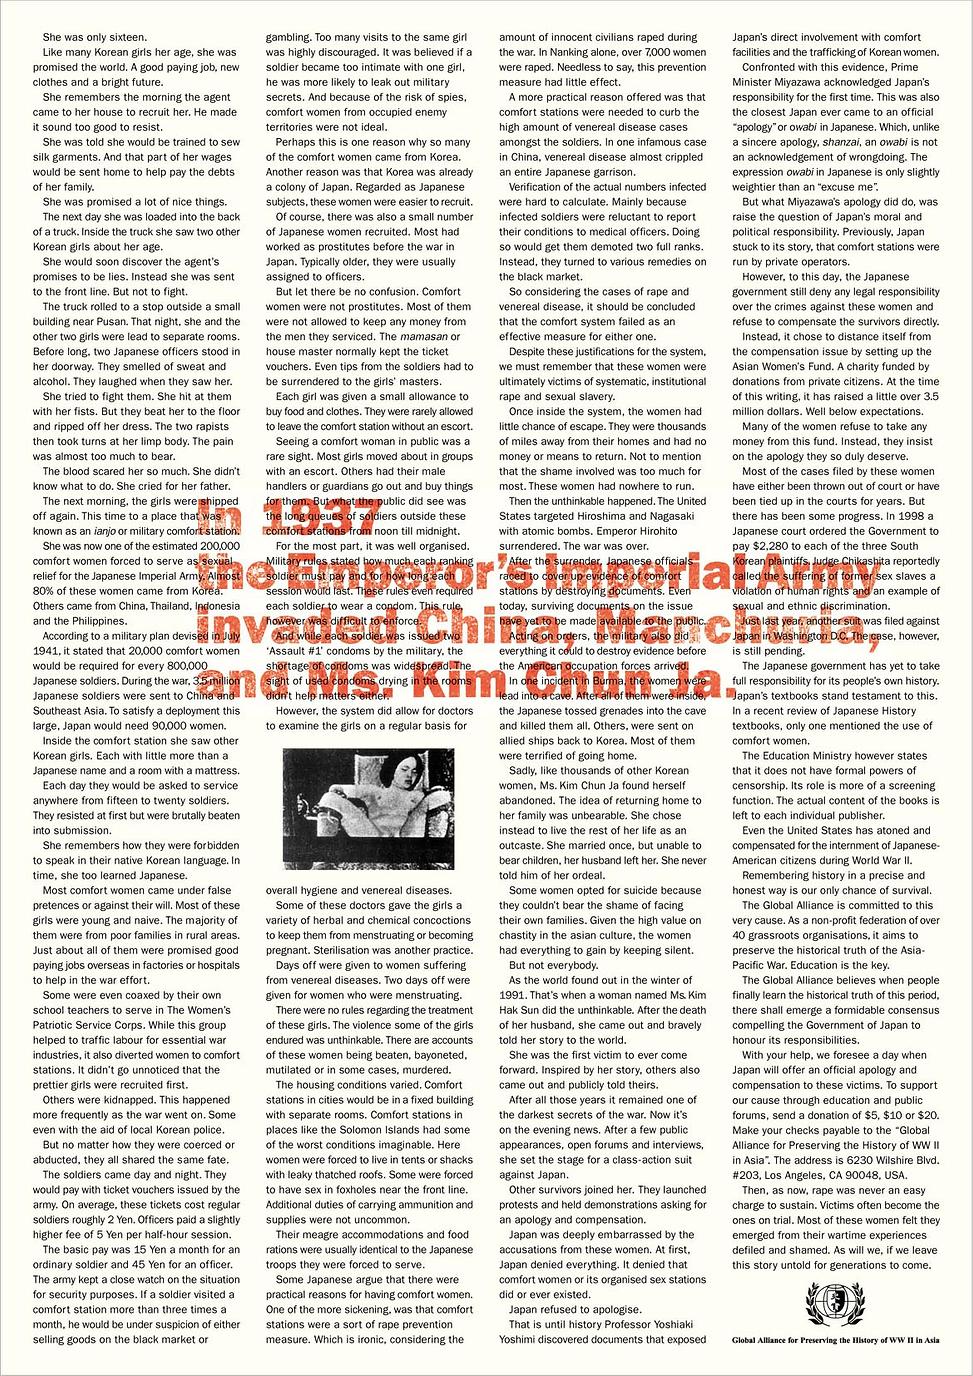 Comfort Women.png